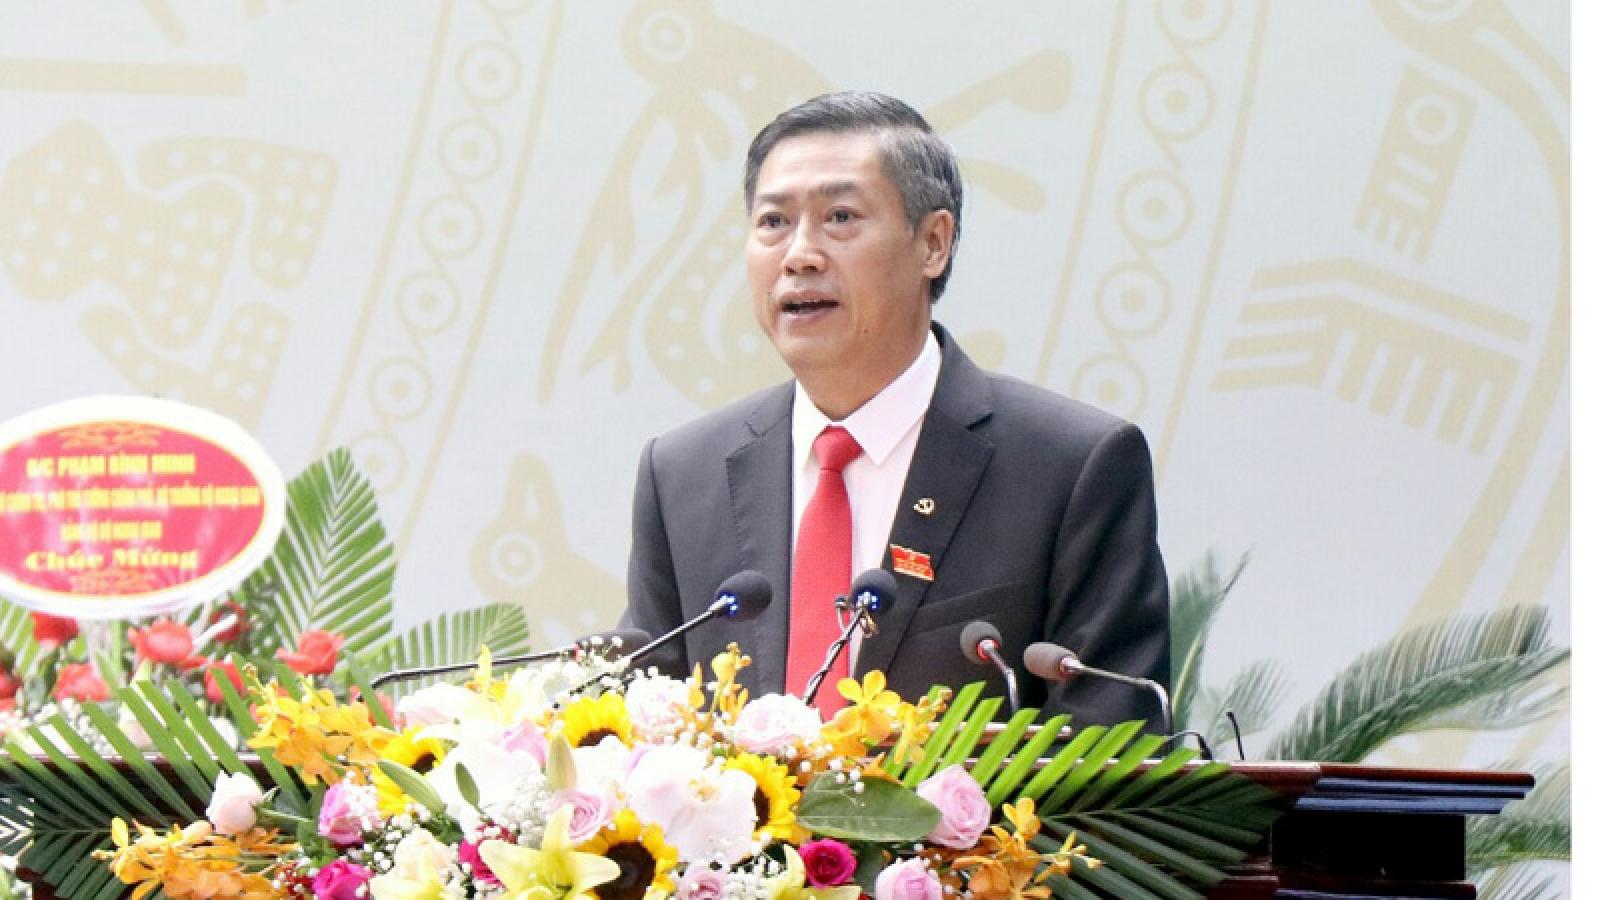 Bí thư Tỉnh ủy Sơn La: Người đứng đầu phải vào cuộc quyết liệt